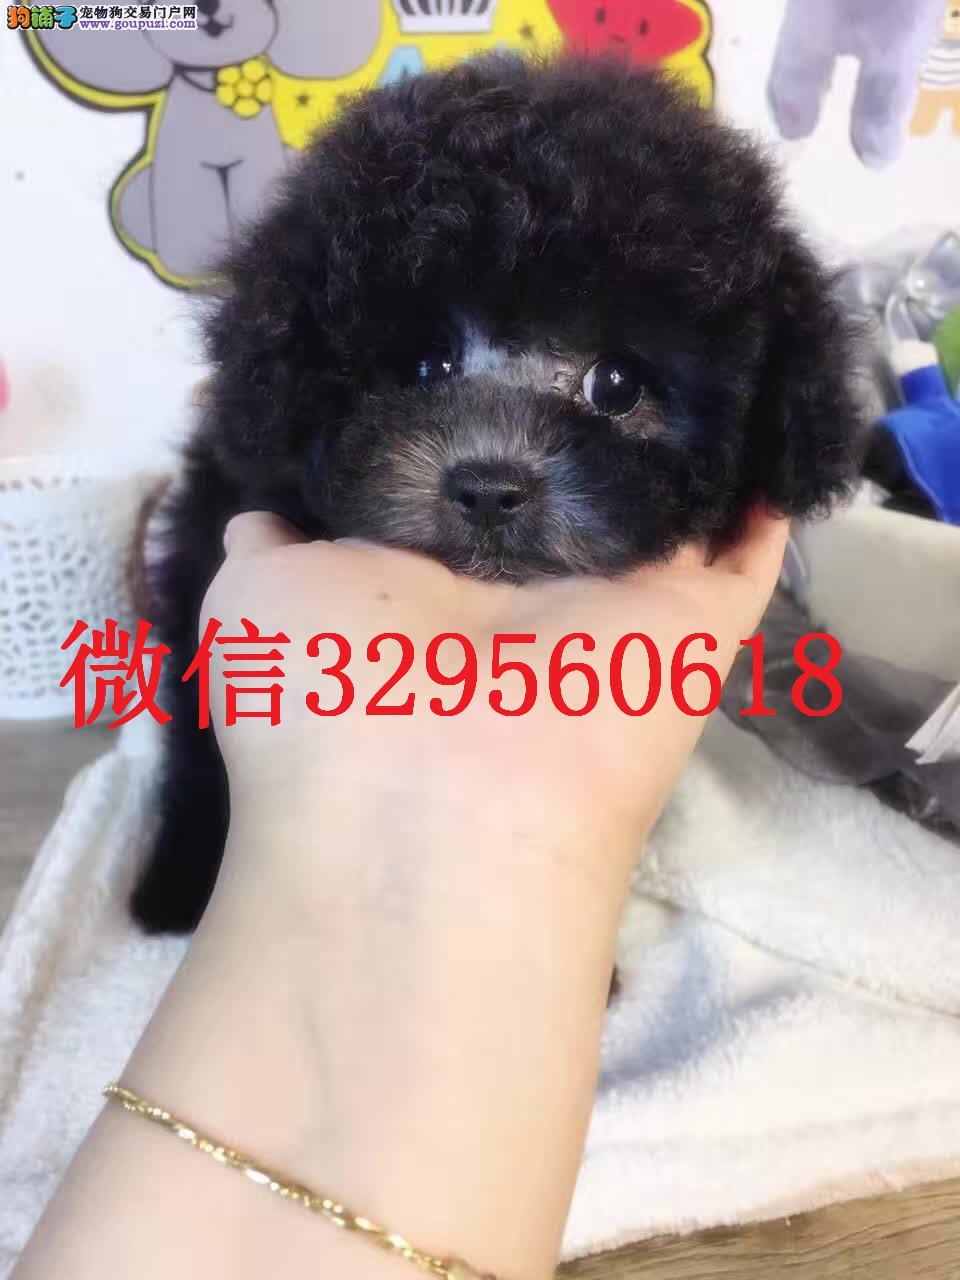 长春出售纯种灰色泰迪 灰泰迪价格 灰色泰迪幼犬出售